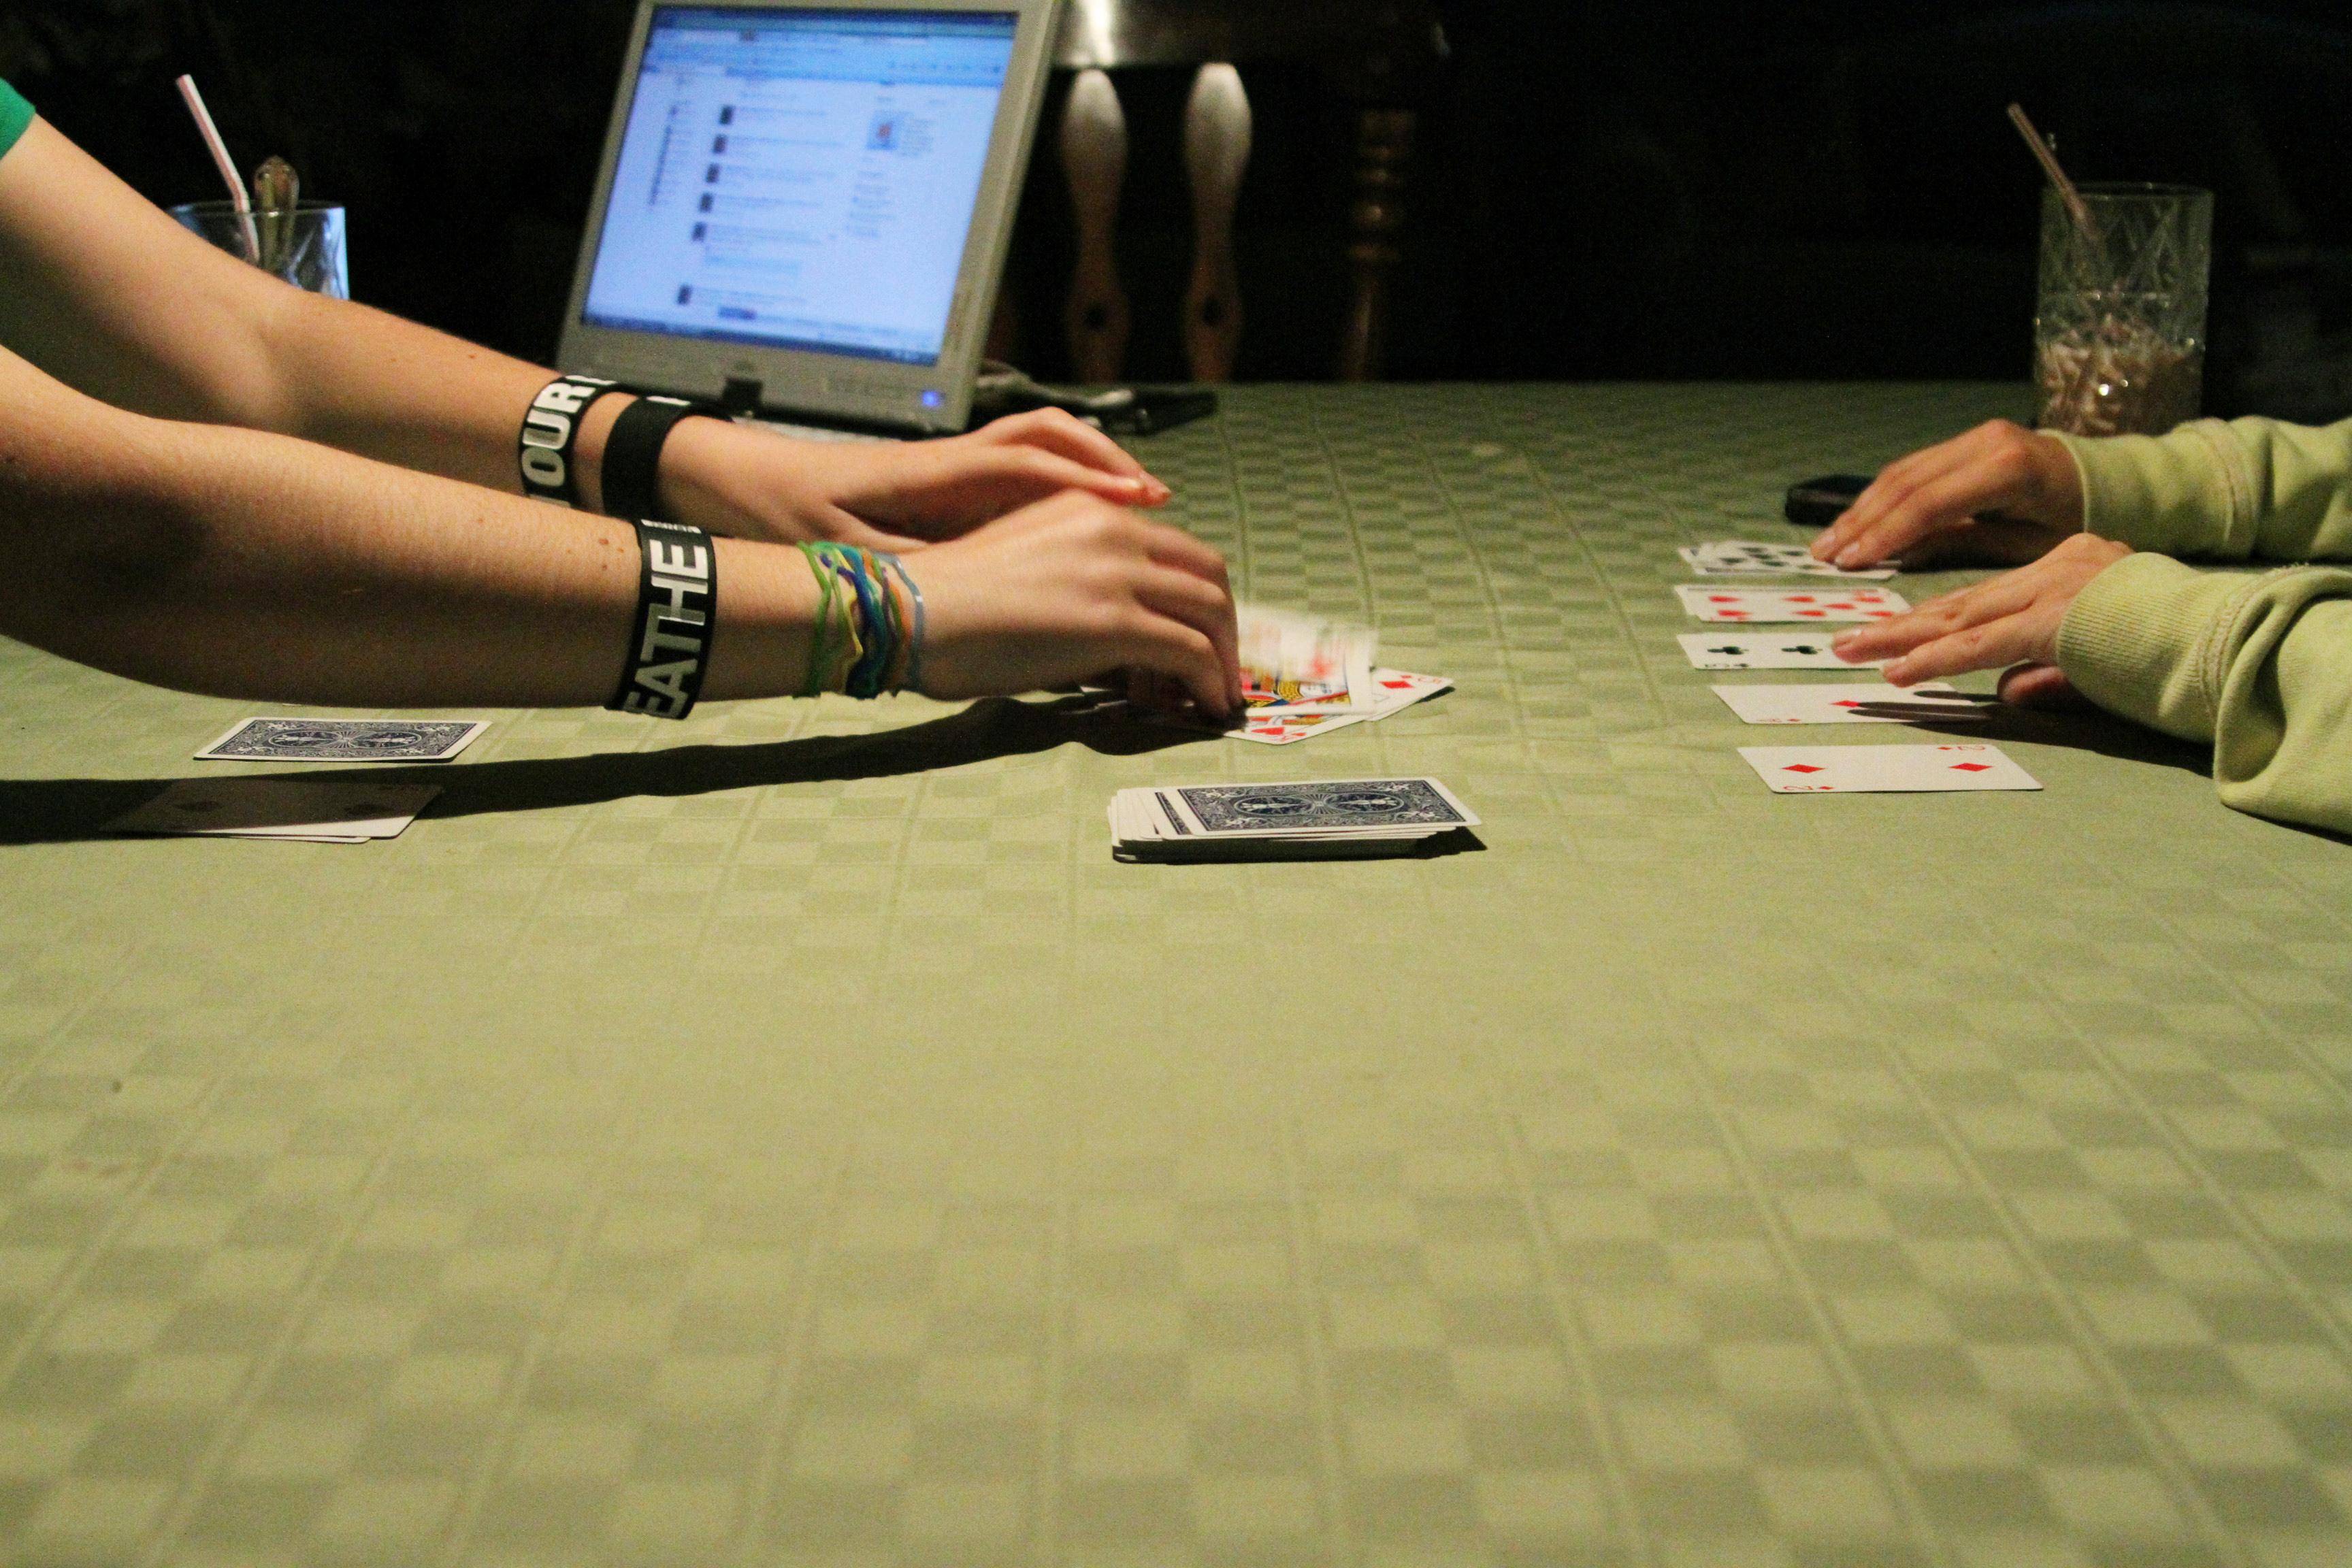 лучшие казино выплачивающие деньги